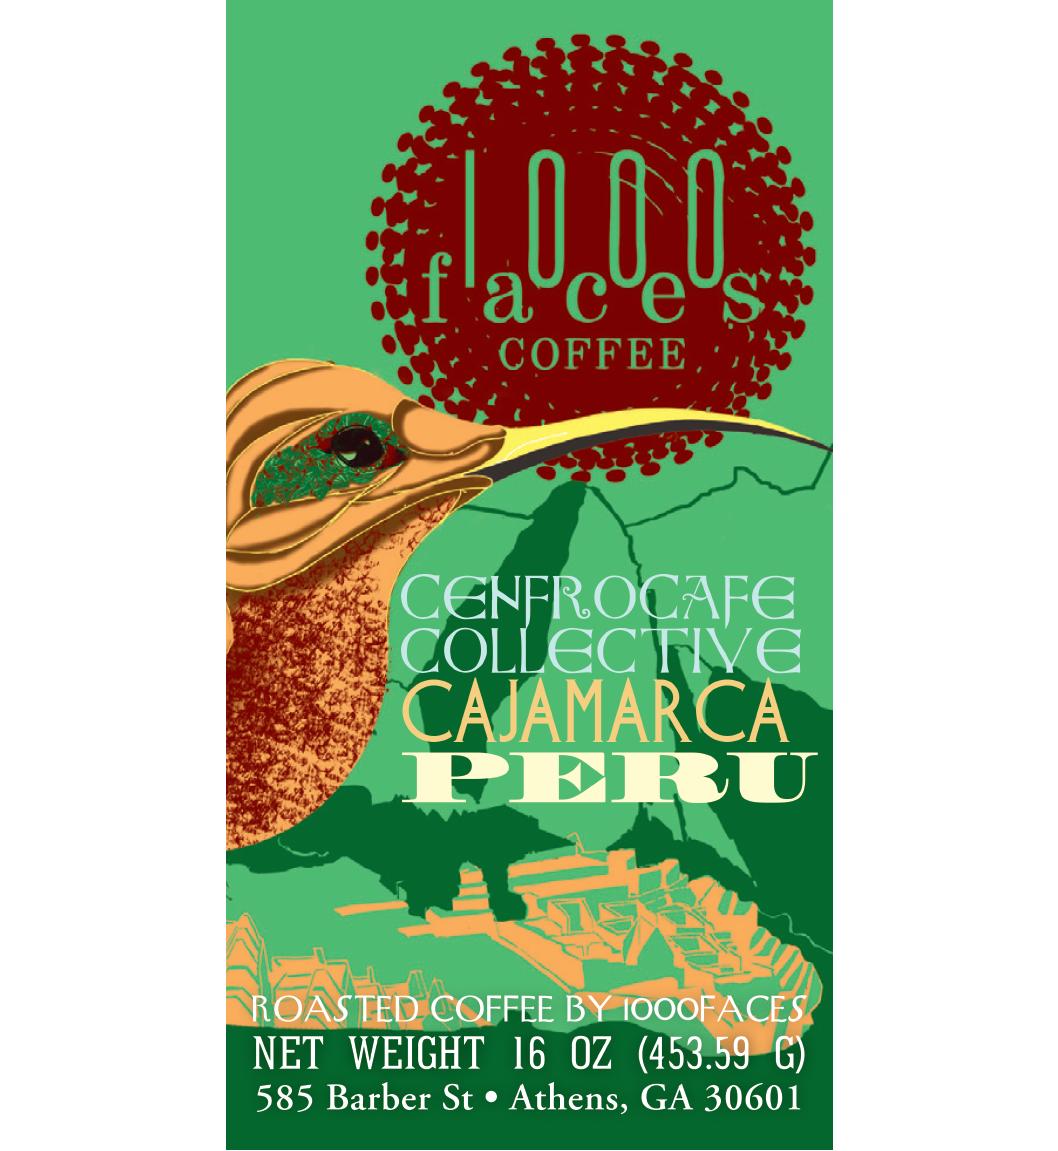 1000labels-peru-01.png